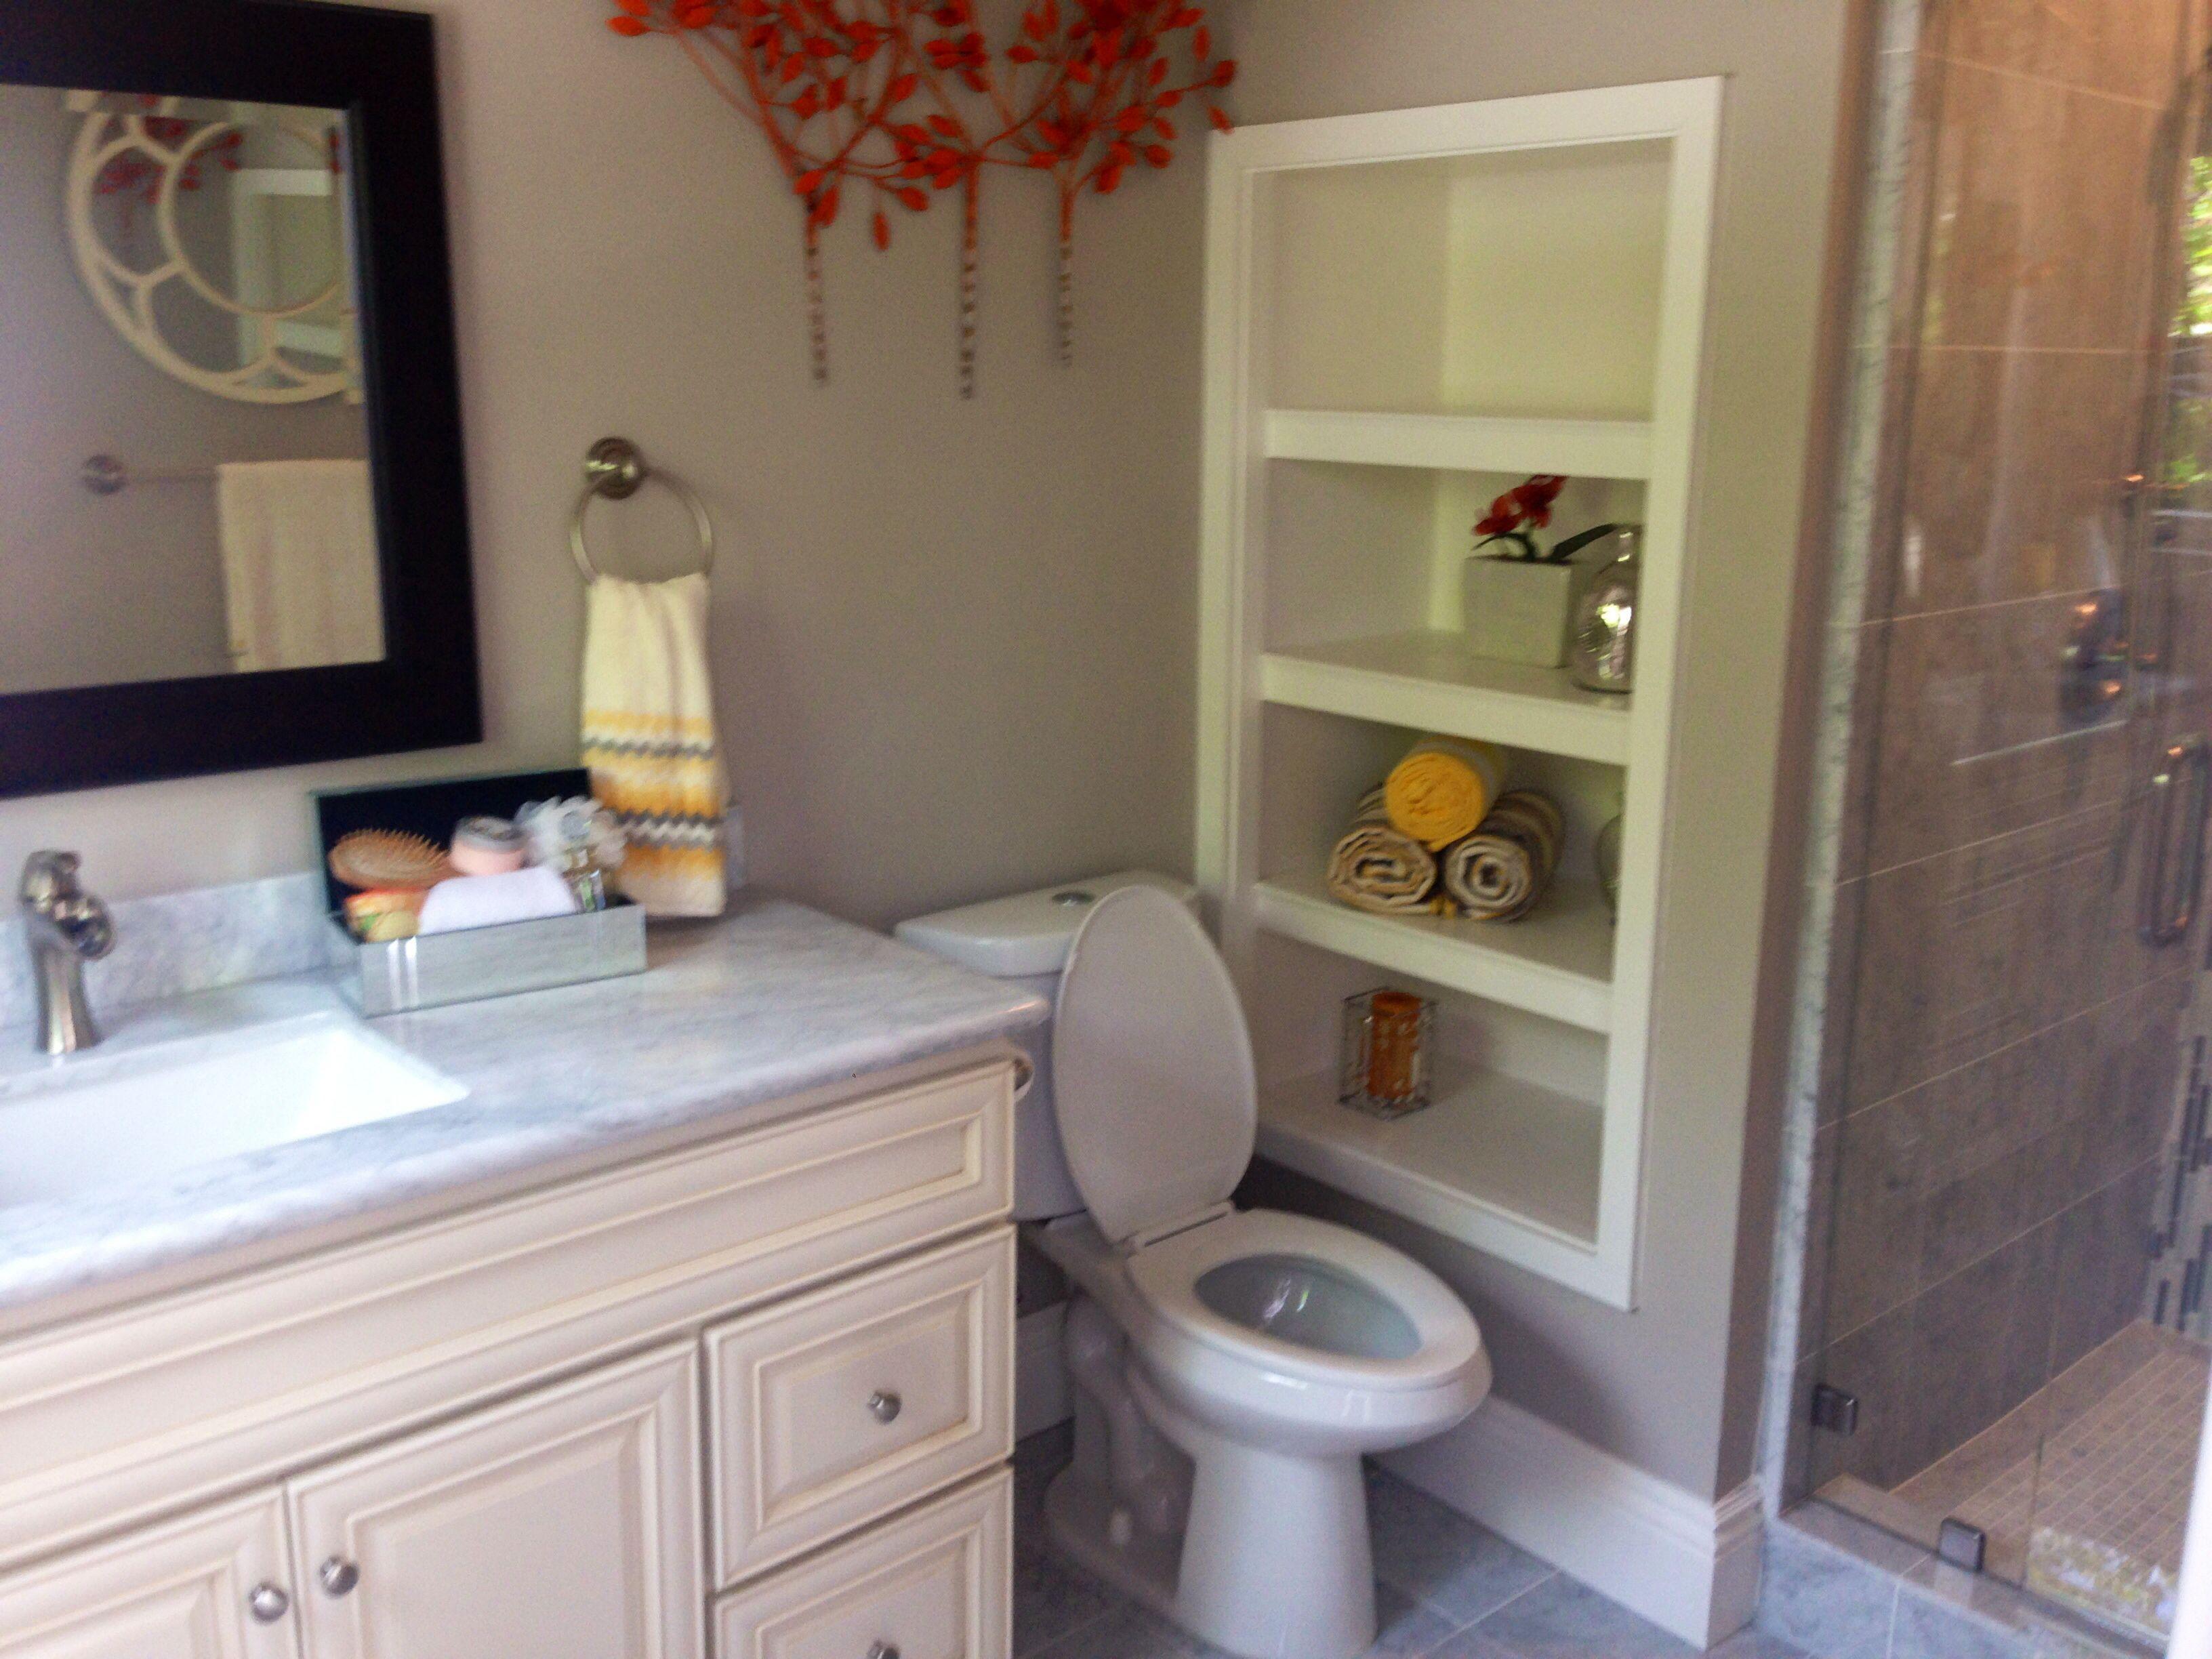 A Very Organized Bathroom Remodeledsvbdemail Svbdicloud Interesting Bathroom Remodeled Design Decoration